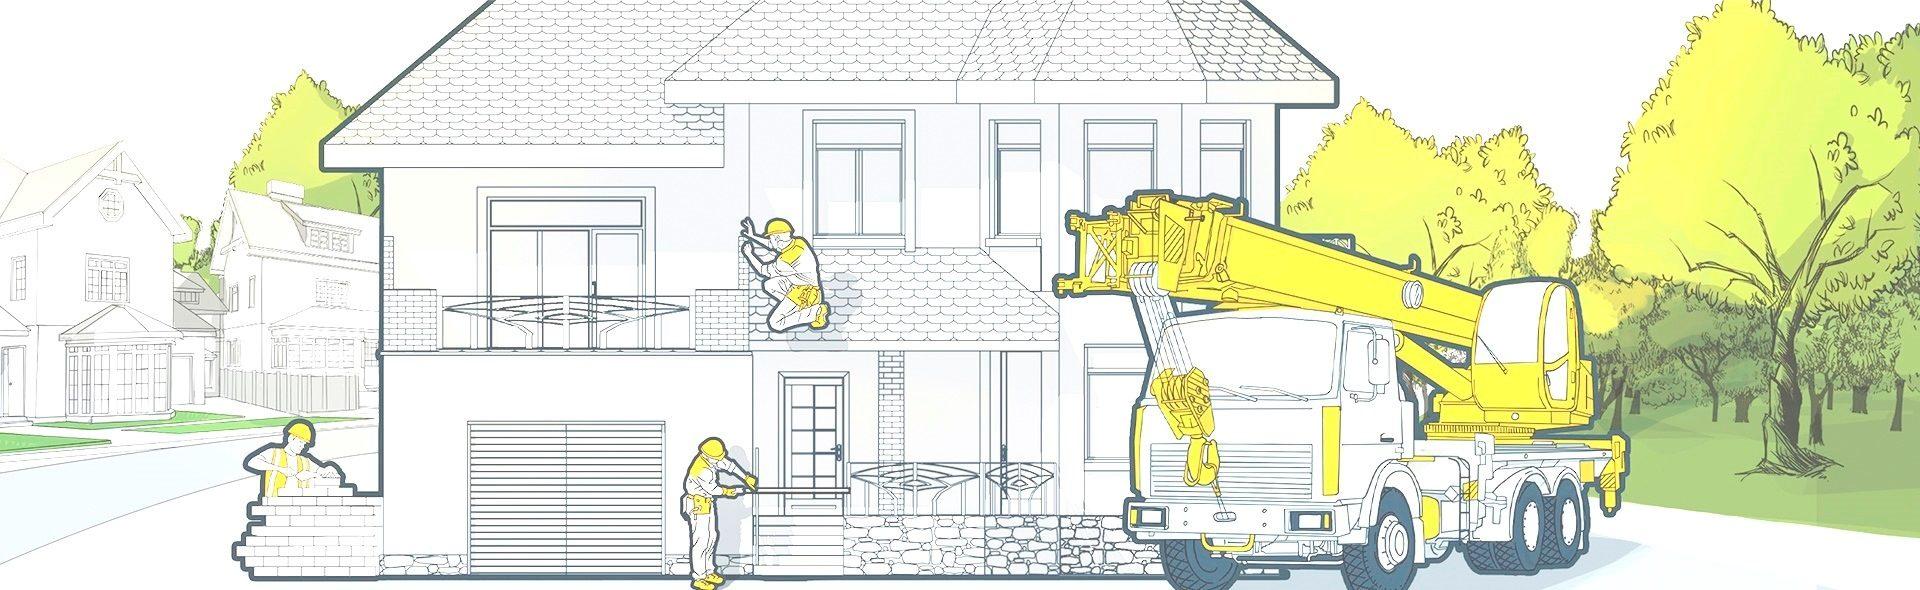 Схематичное строительство дома